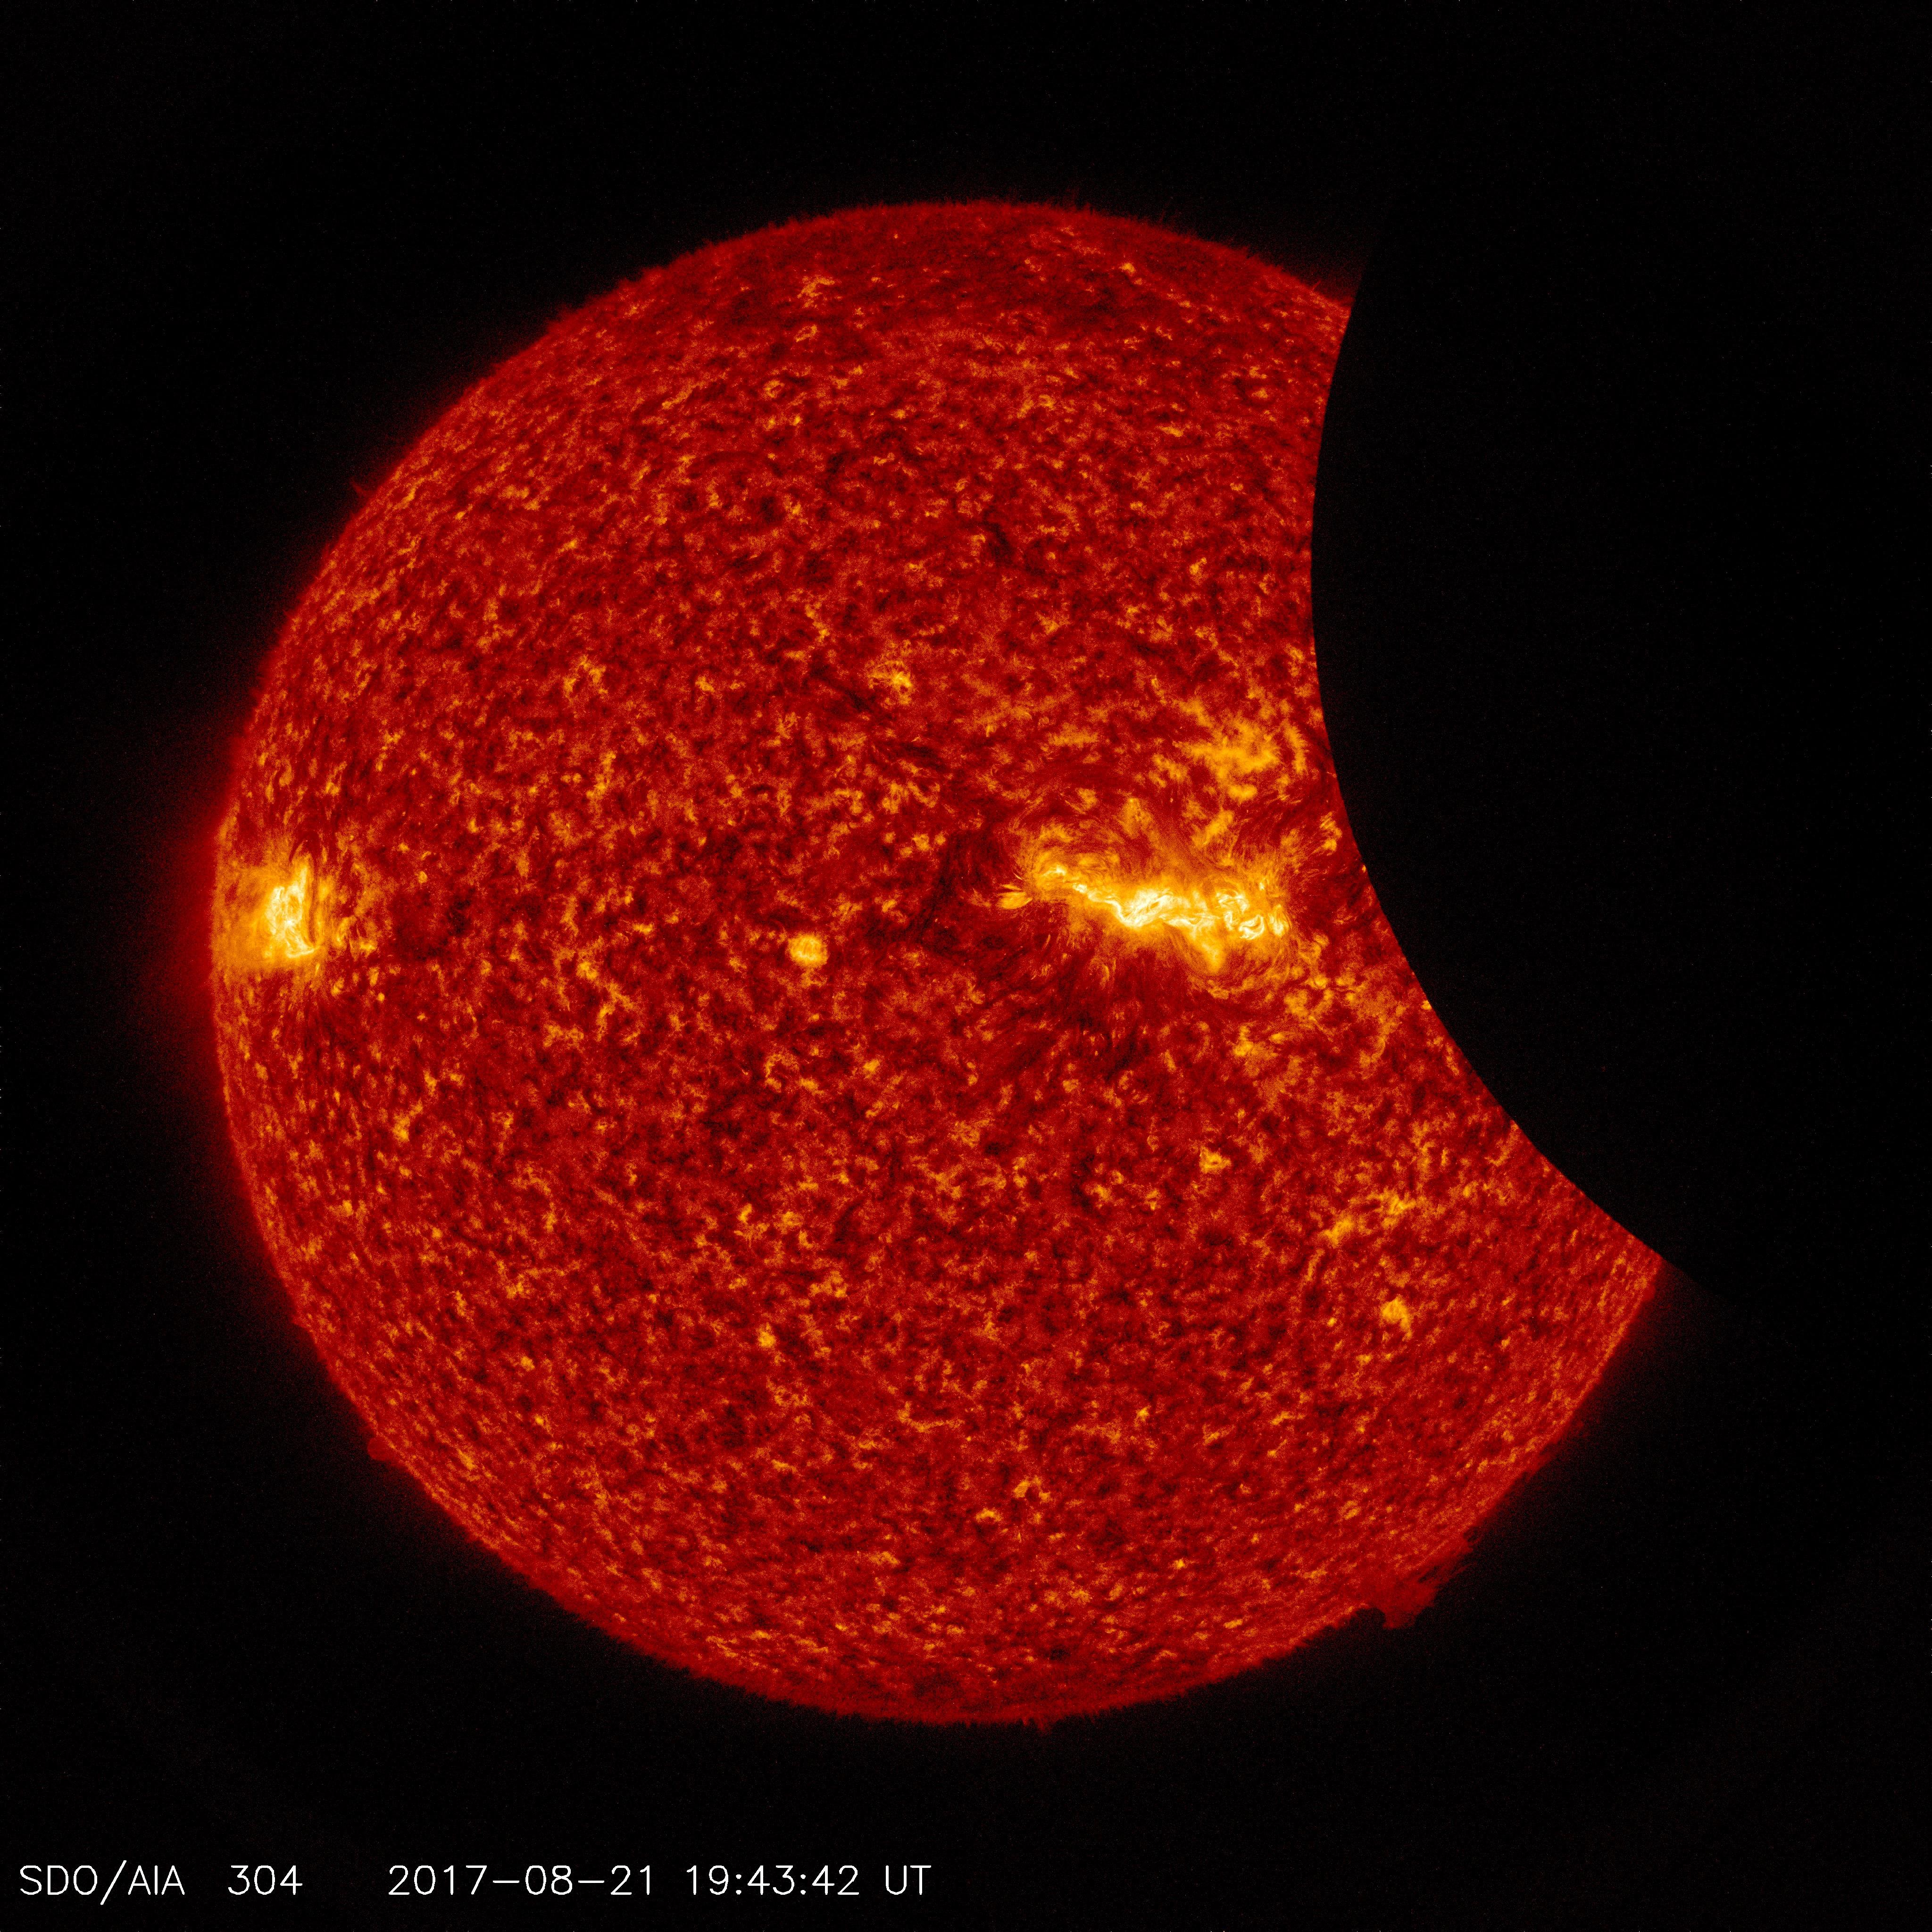 SDO Views 2017 Solar Eclipse | NASA